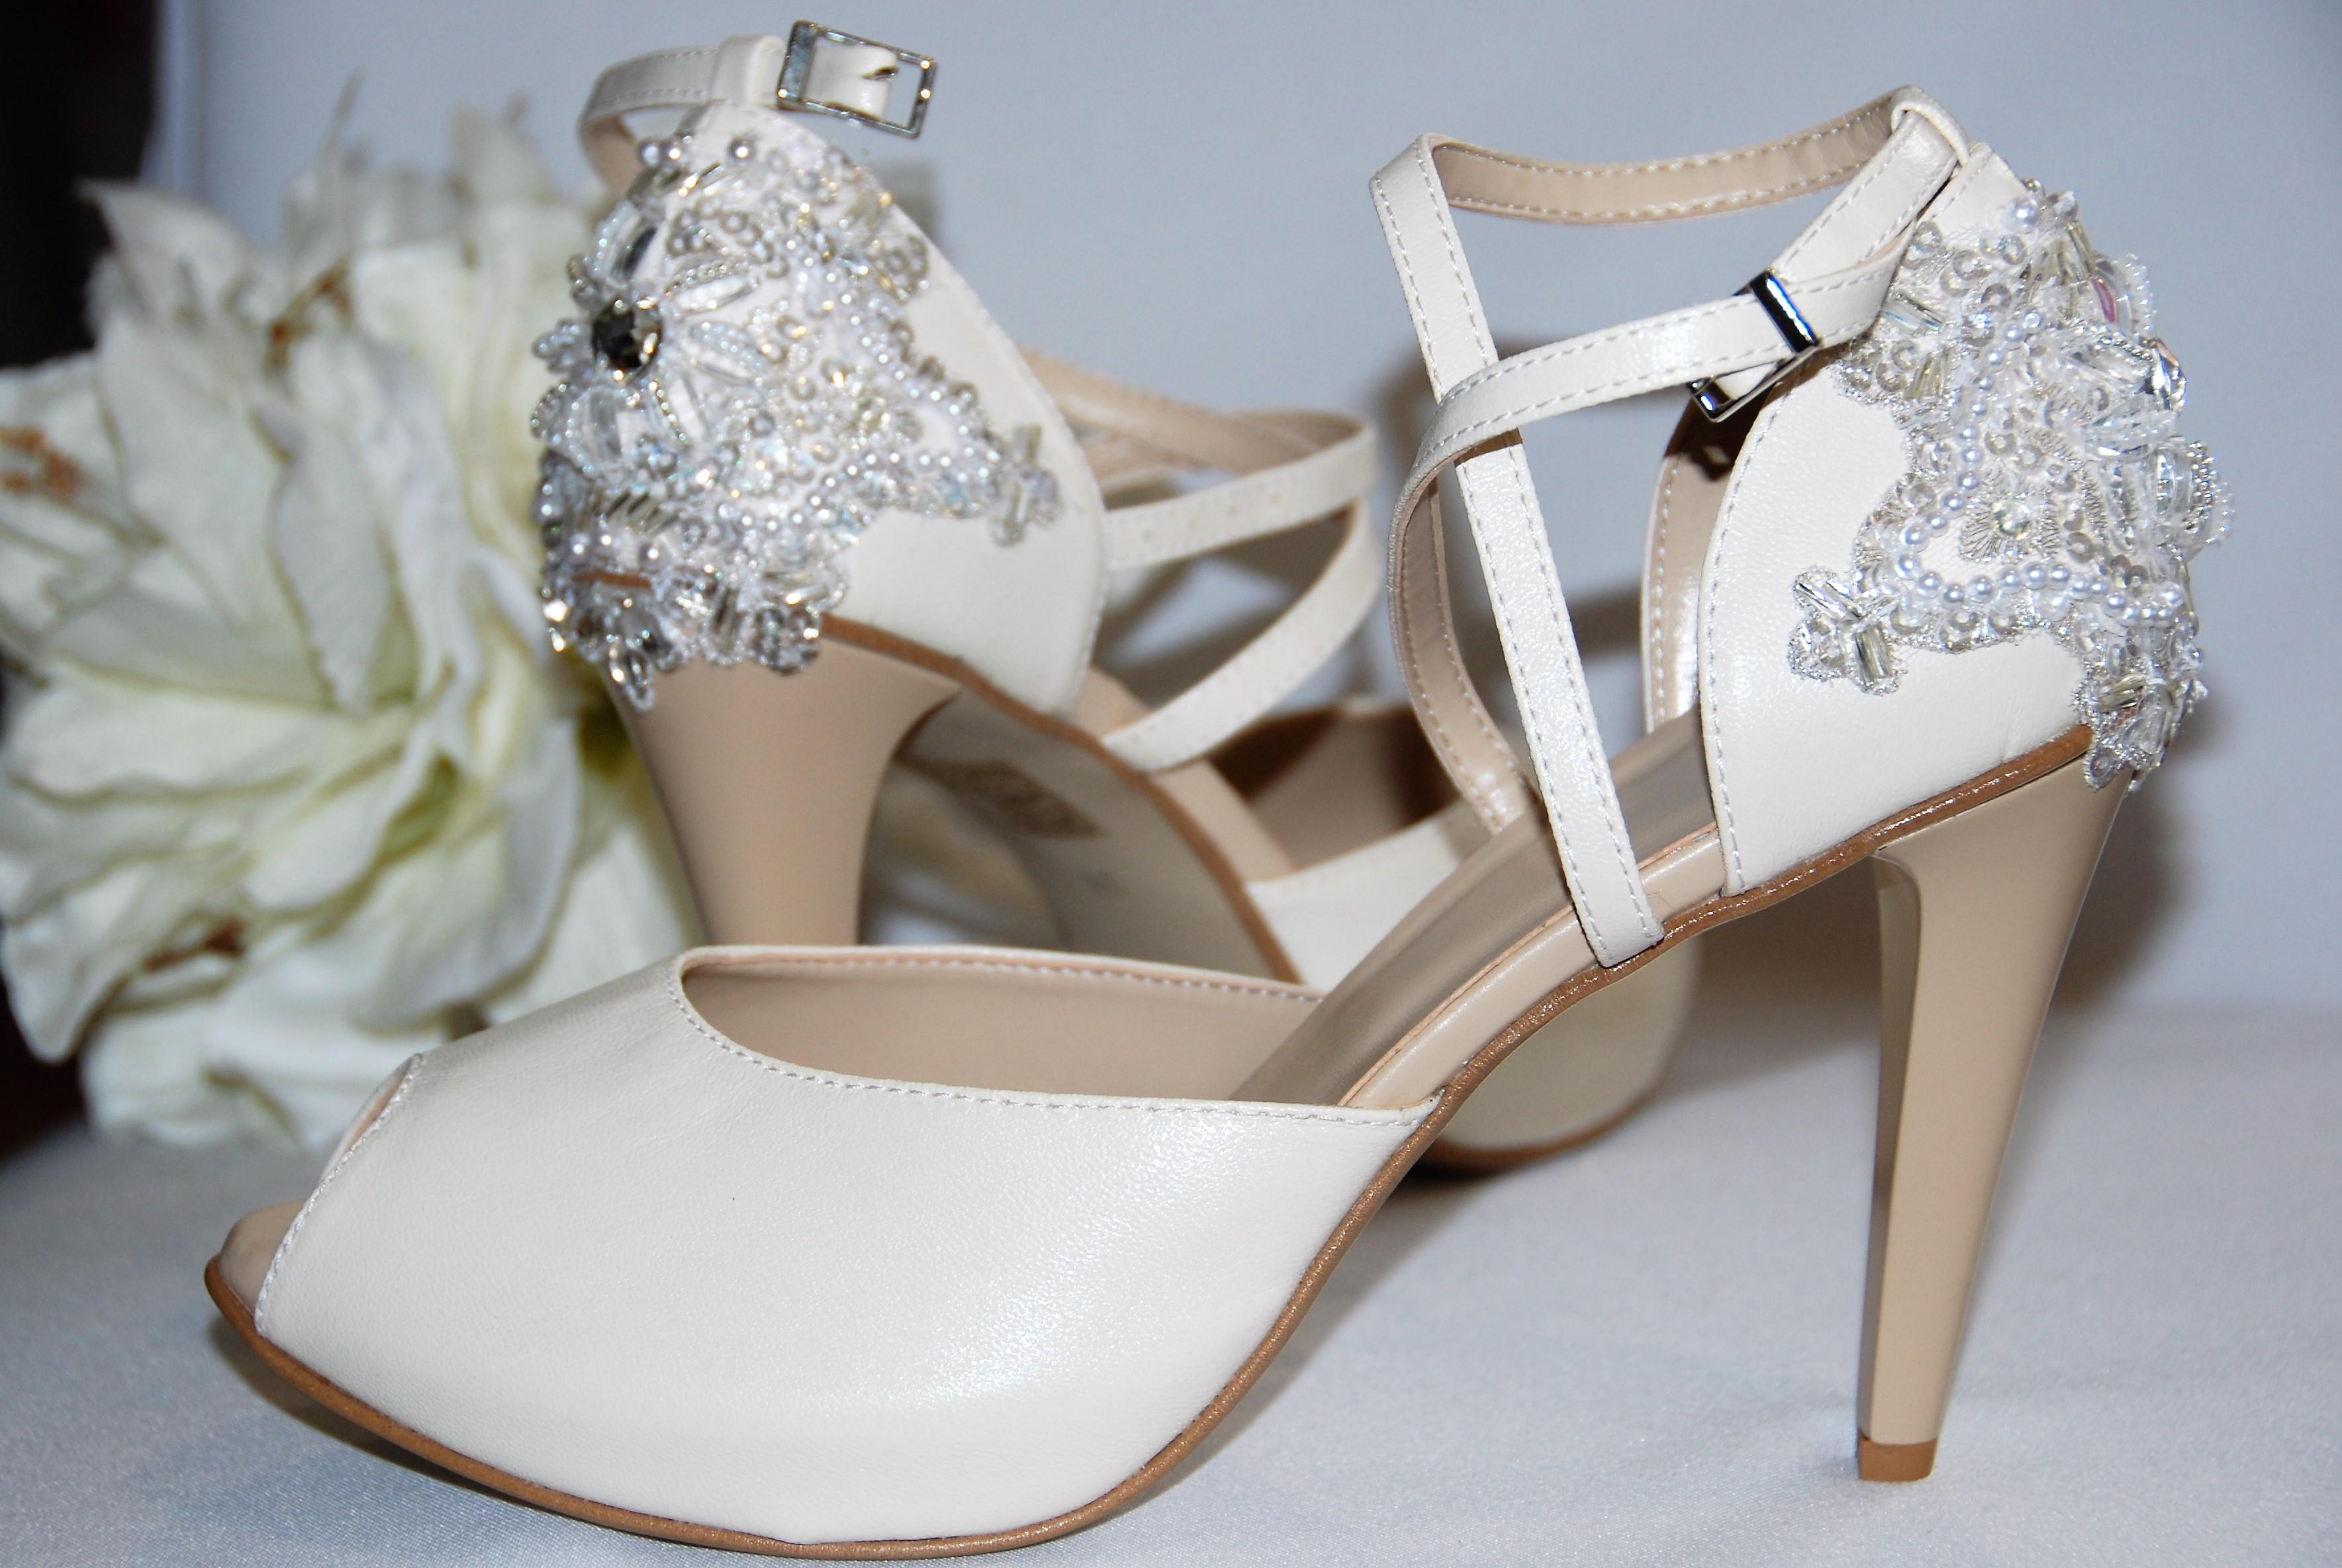 7441656d2662 Domov   Svadobné topánky   Svadobné topánky